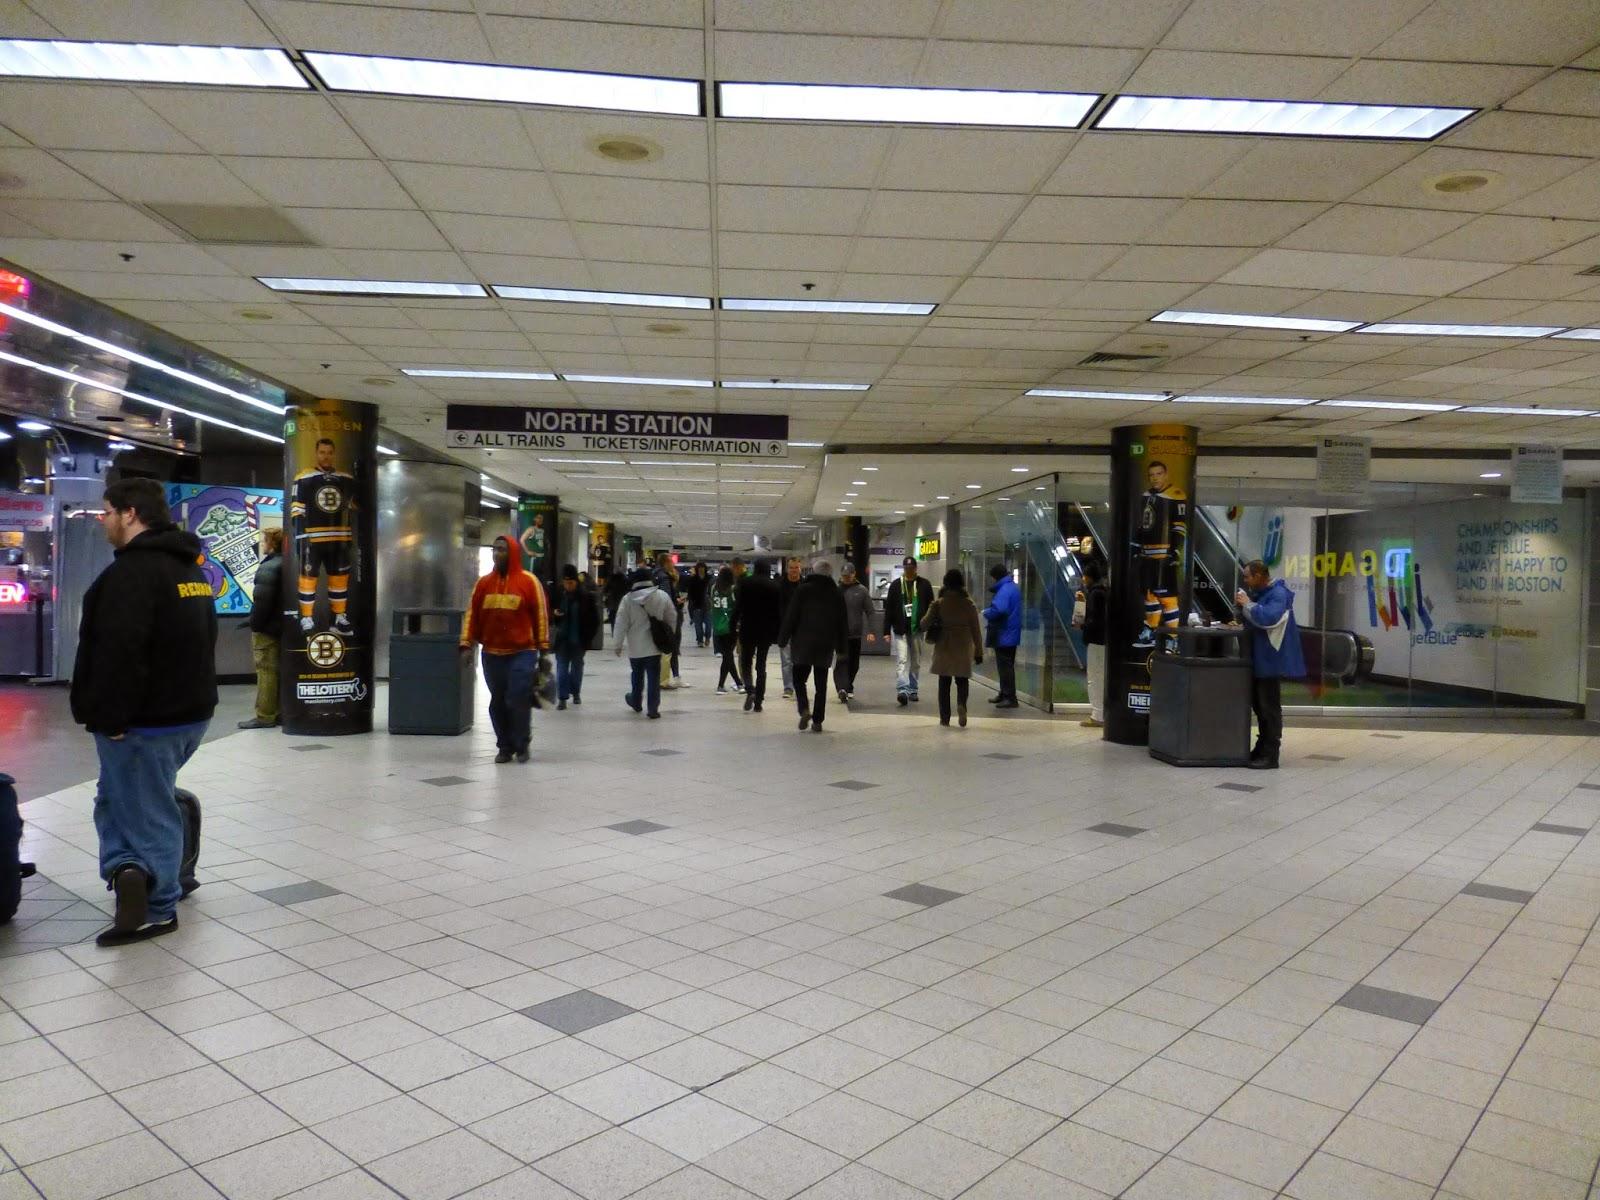 Miles On The Mbta North Station